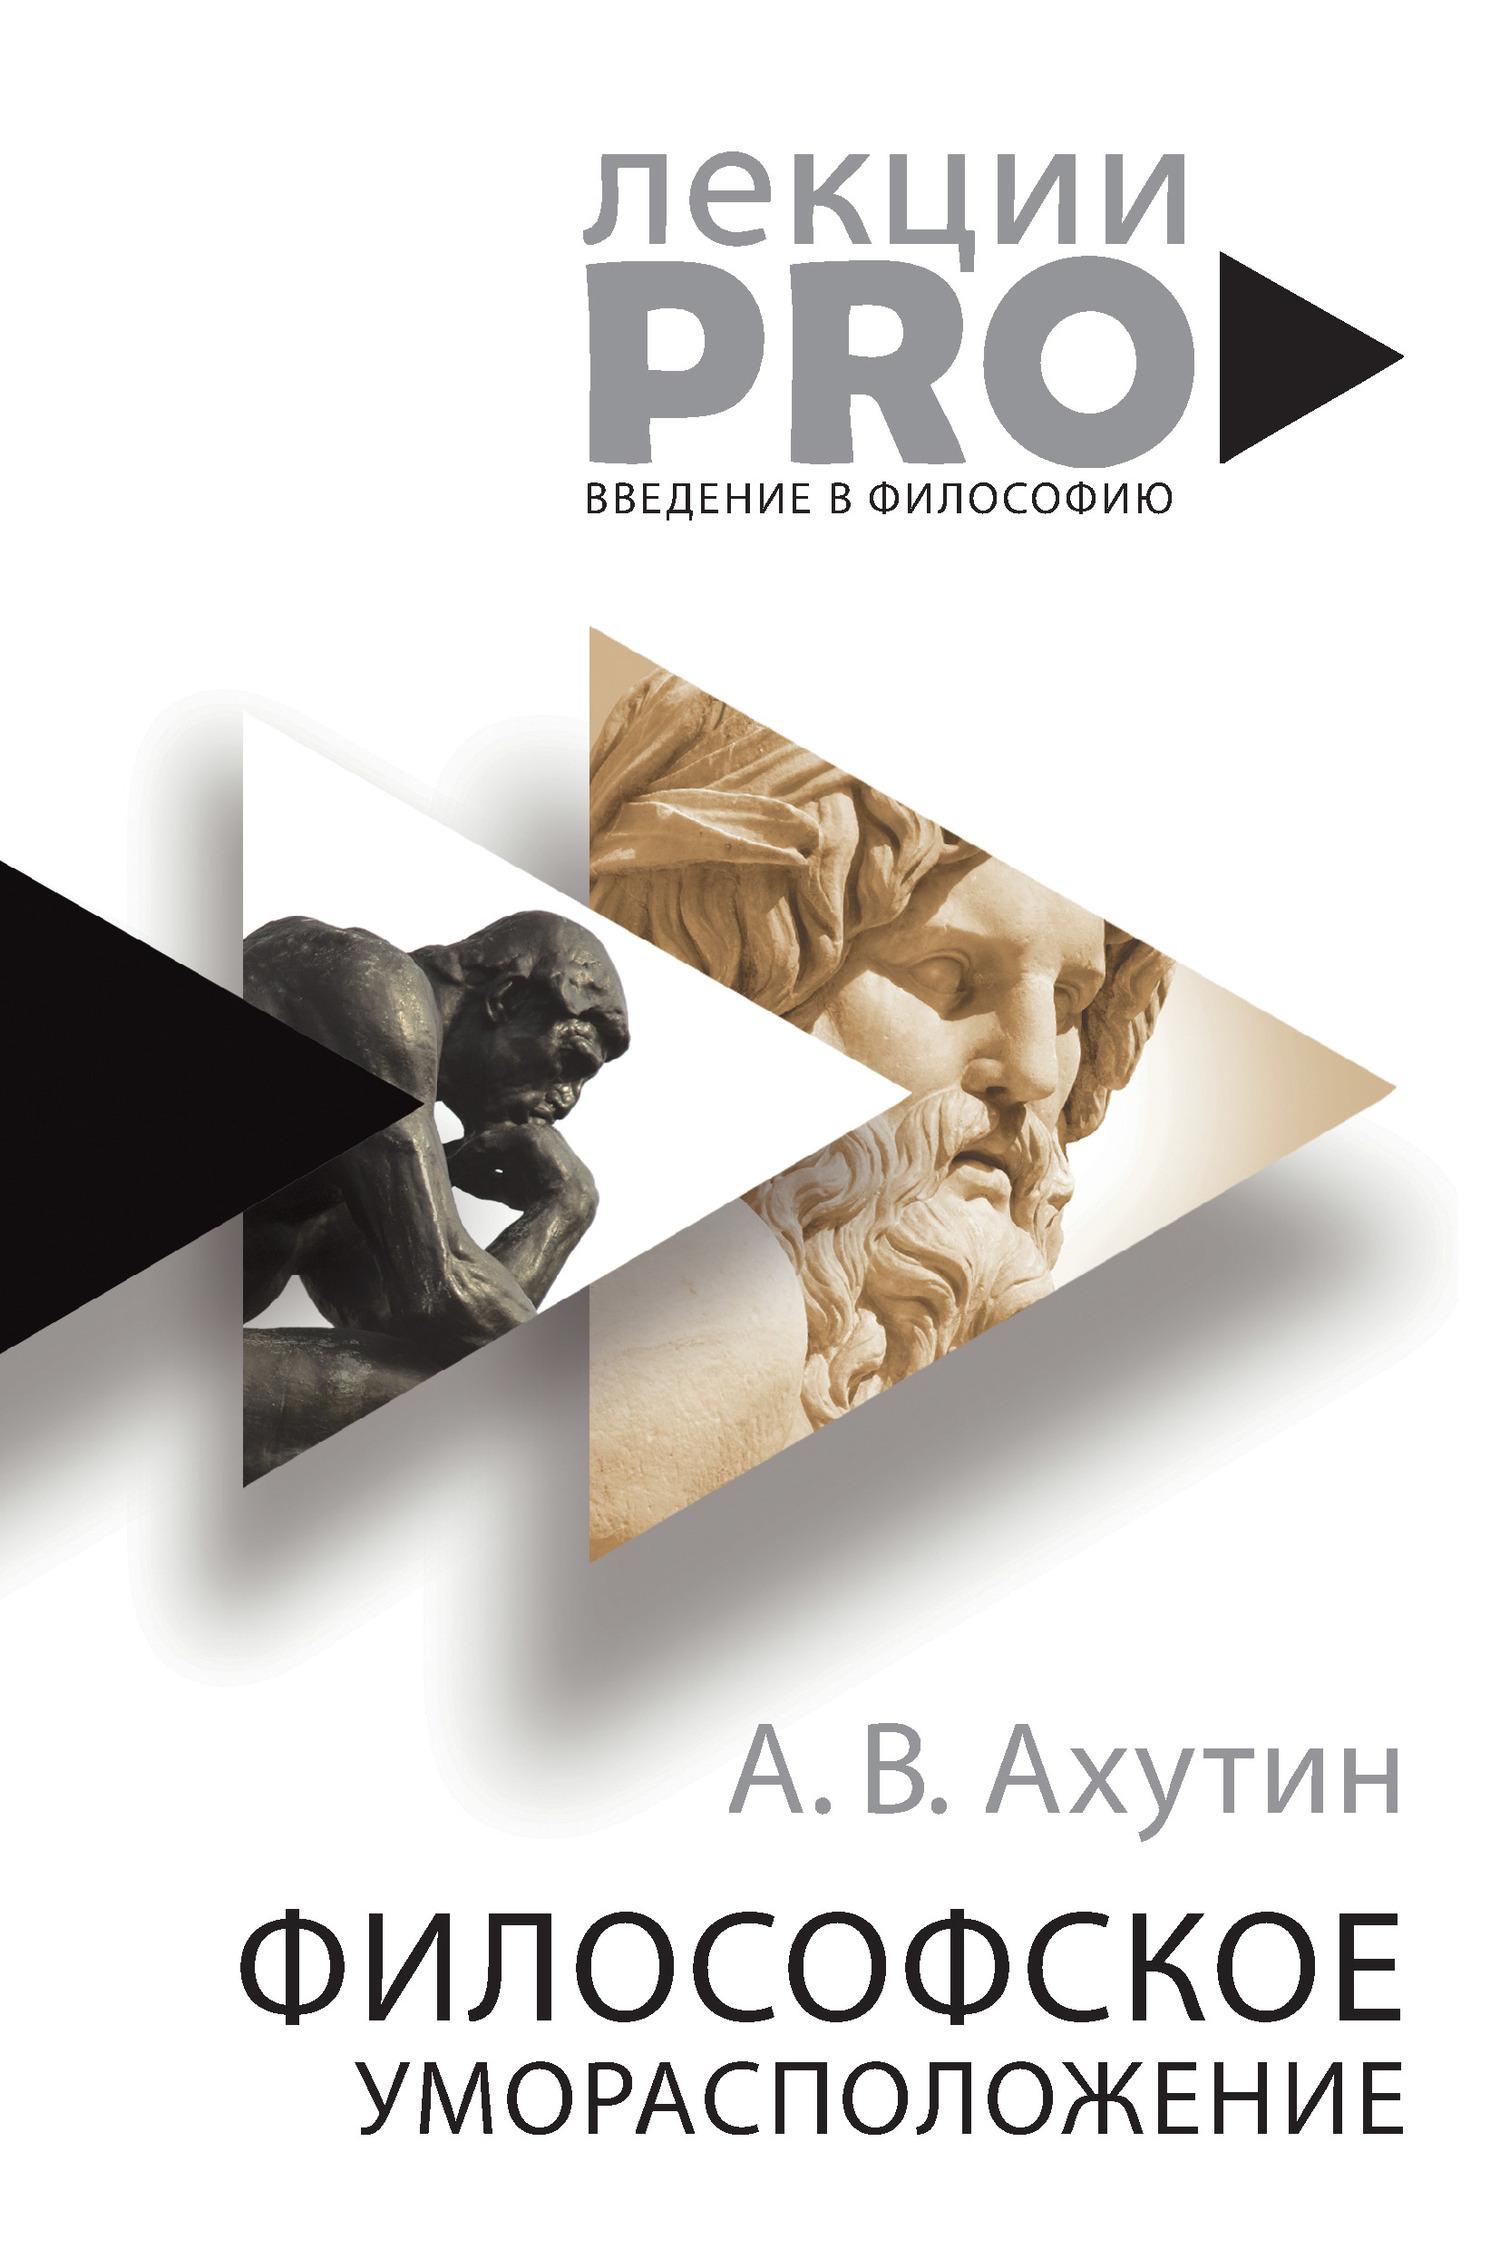 Возьмем книгу в руки 38/13/70/38137040.bin.dir/38137040.cover.jpg обложка